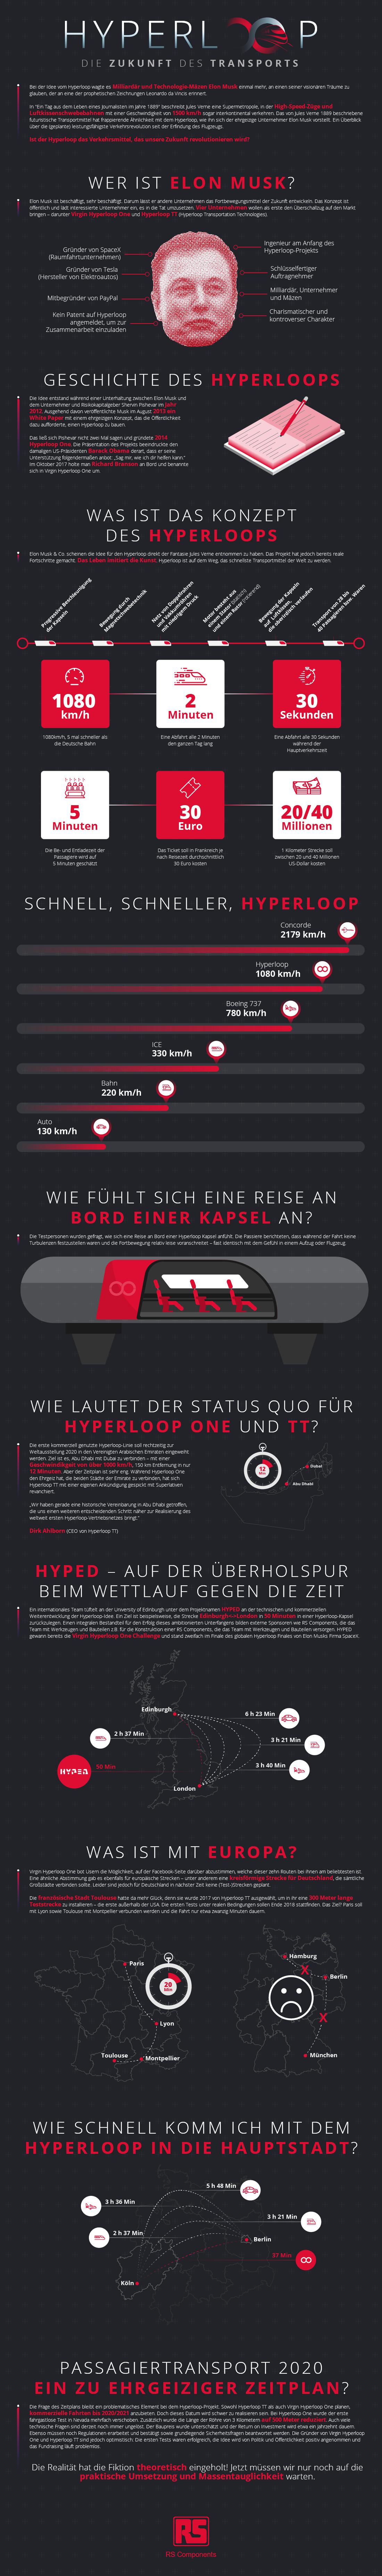 Hyperloop – Die Zukunft des Transports?